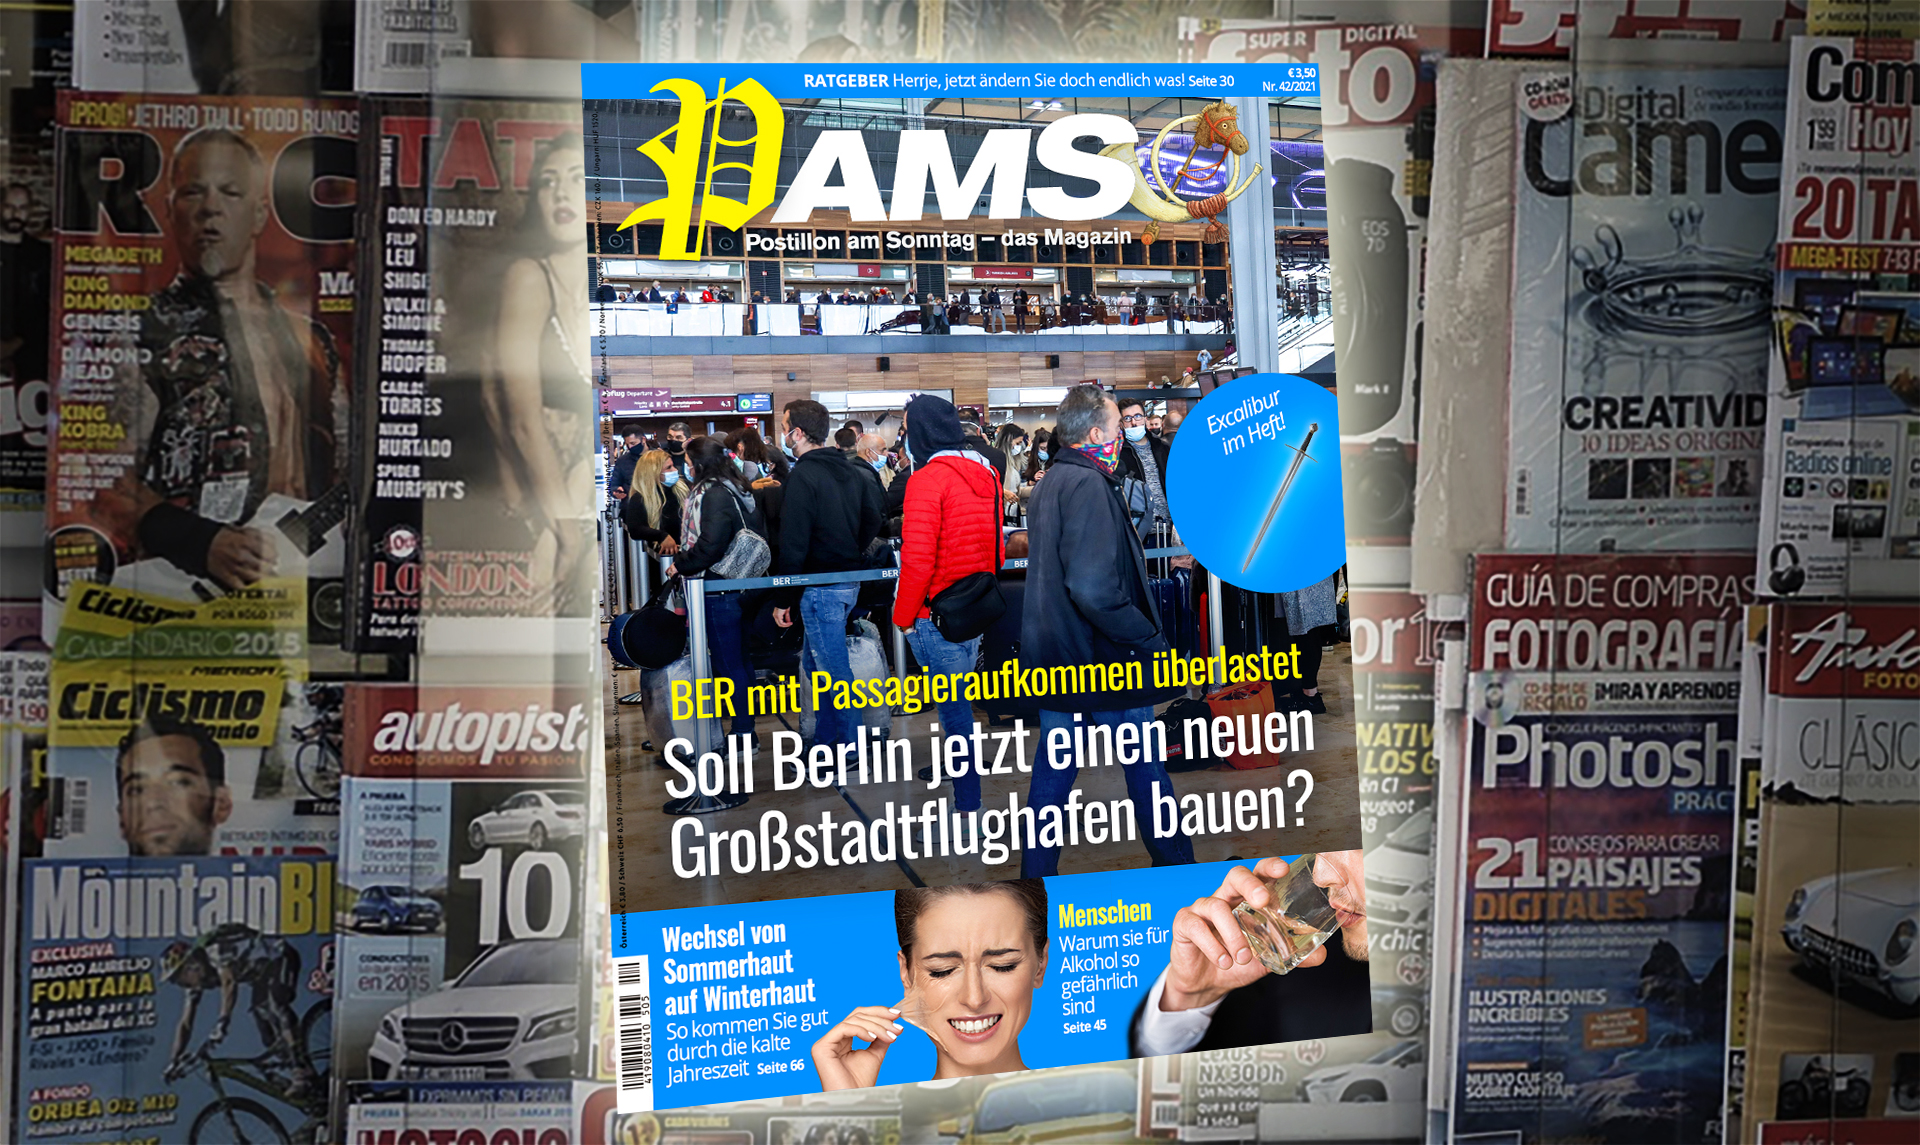 Heute in PamS: BER mit Passagieraufkommen überlastet – Soll Berlin jetzt einen Großflughafen bauen?